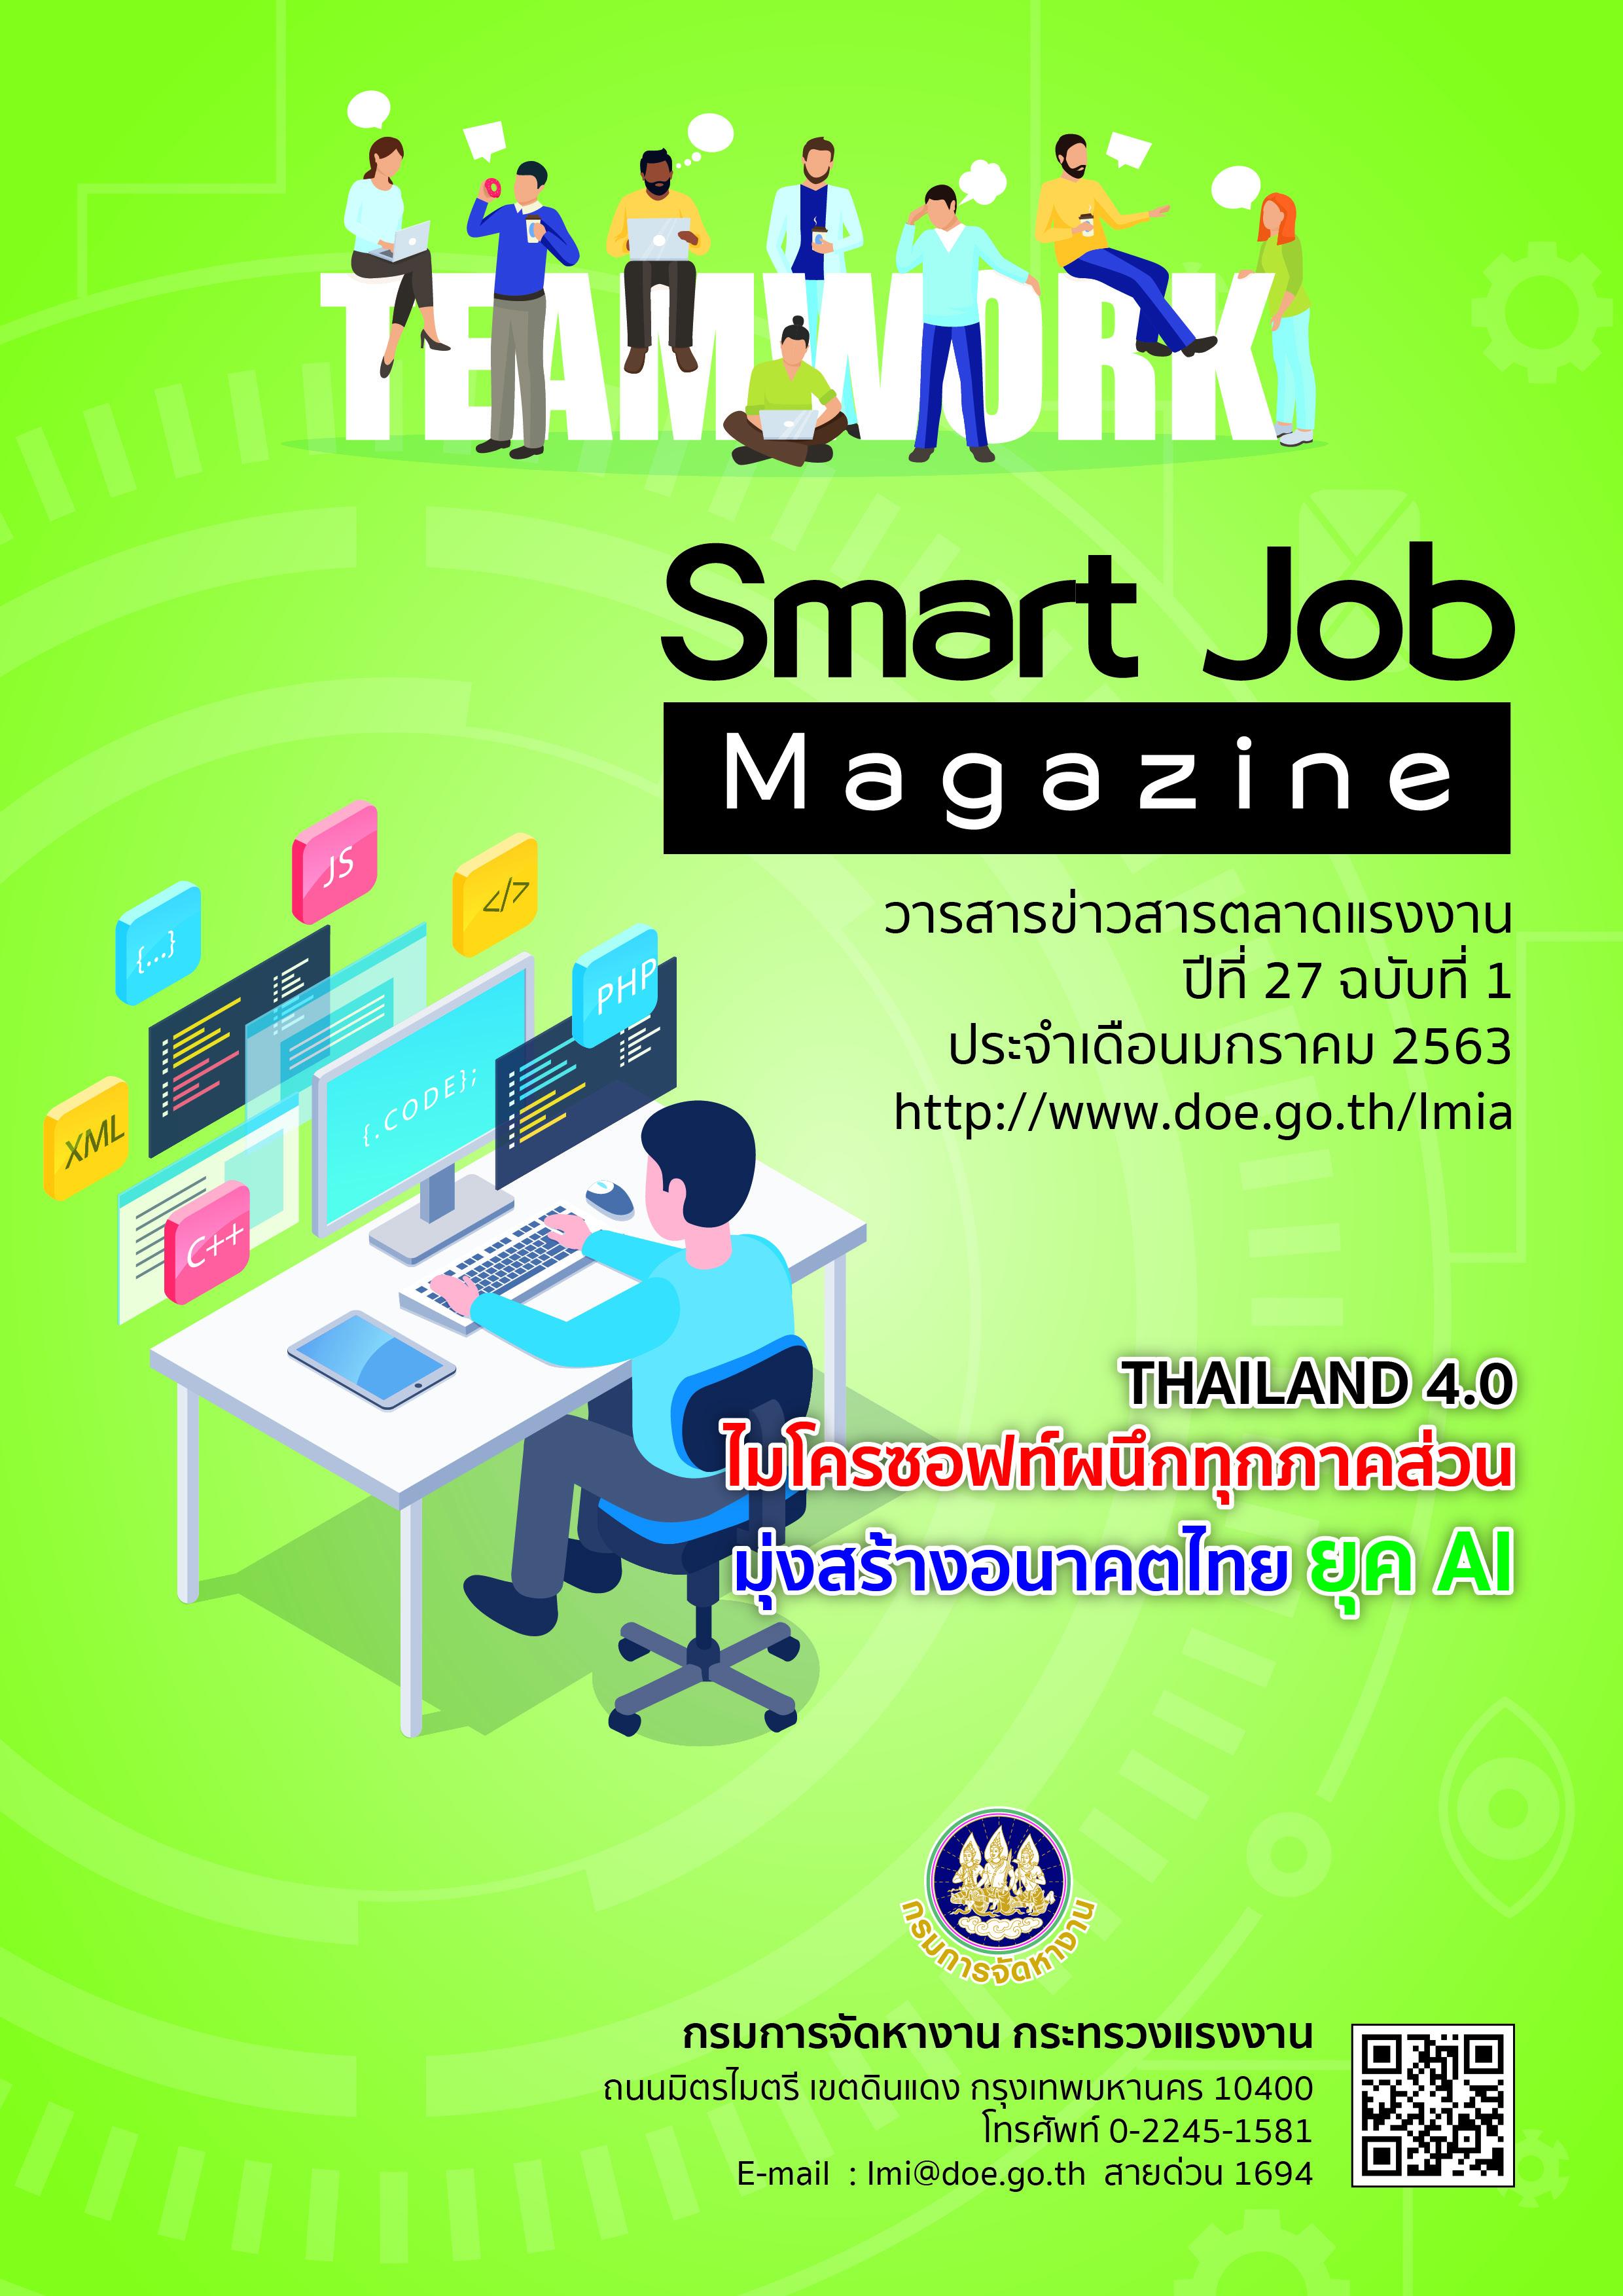 วารสารข่าวสารตลาดแรงงาน Smart Job Magazine ประจำเดือนมกราคม 2563